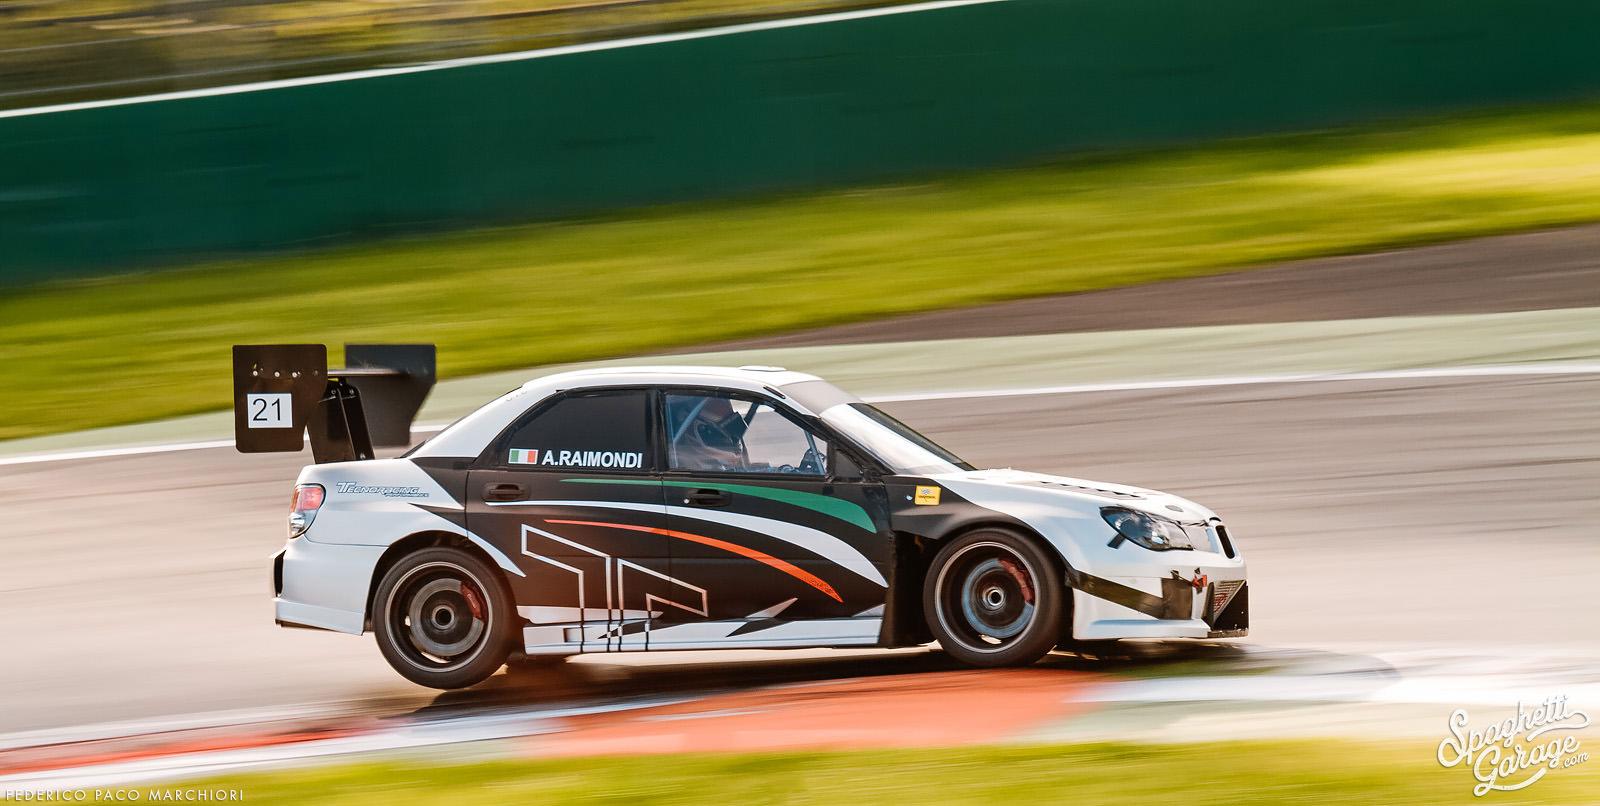 Subaru Impreza STI Spec C – Time Attack Italia 2016 Champion